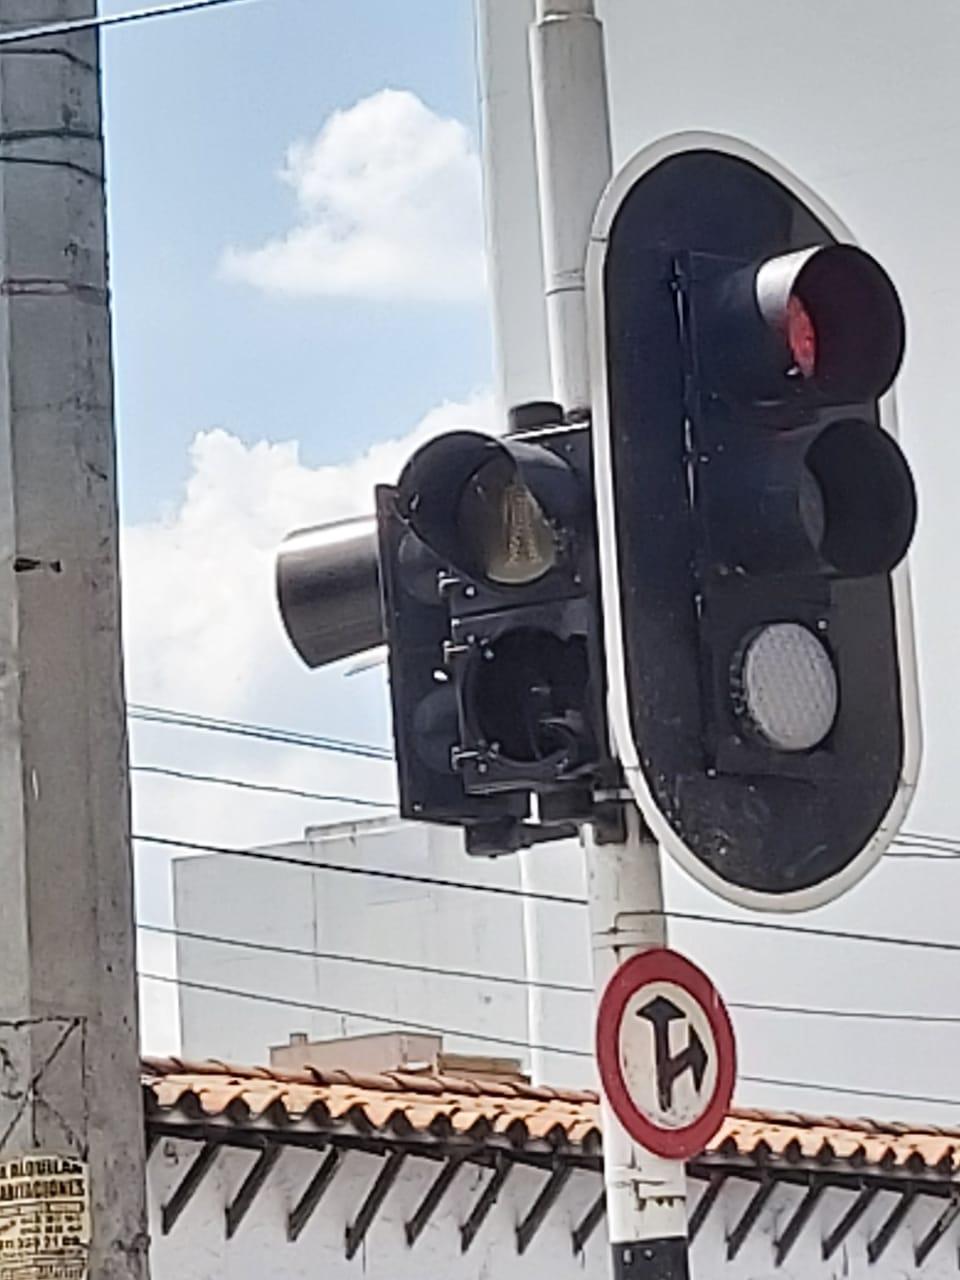 ¿Para qué semáforo?